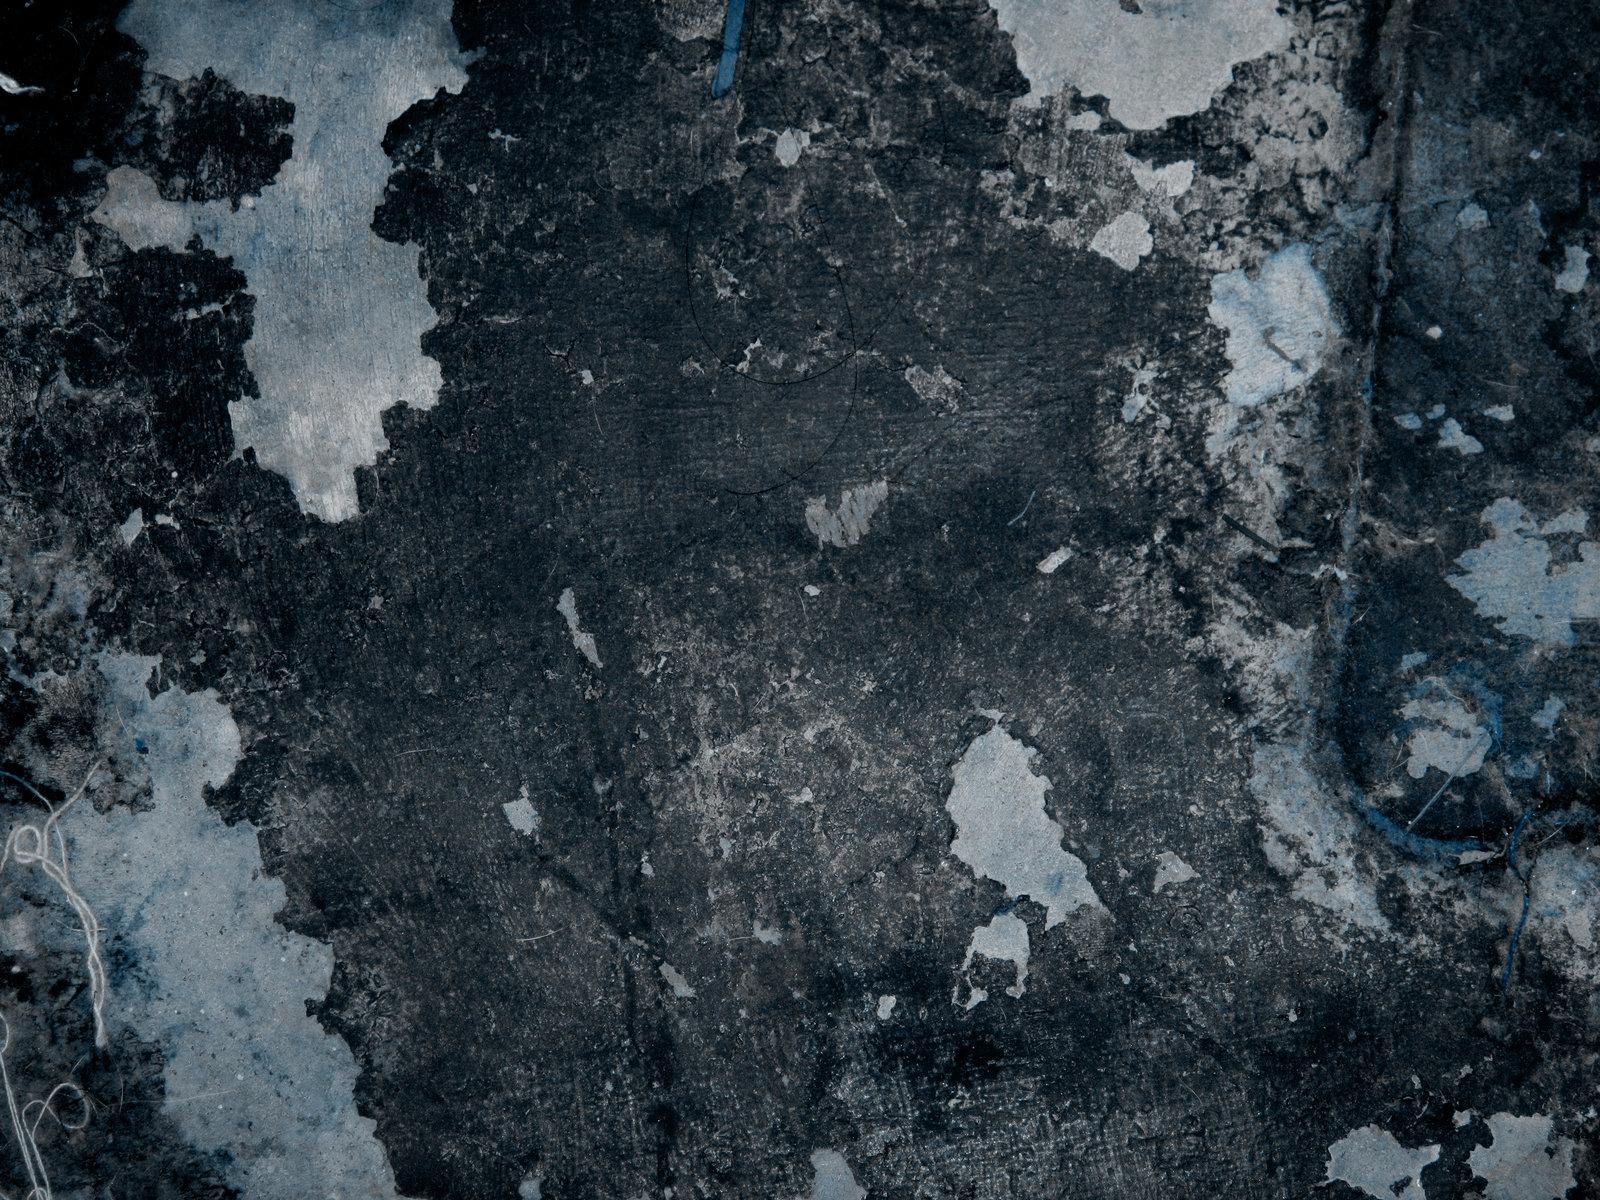 Grunge background texture 9 by Madsin on DeviantArt